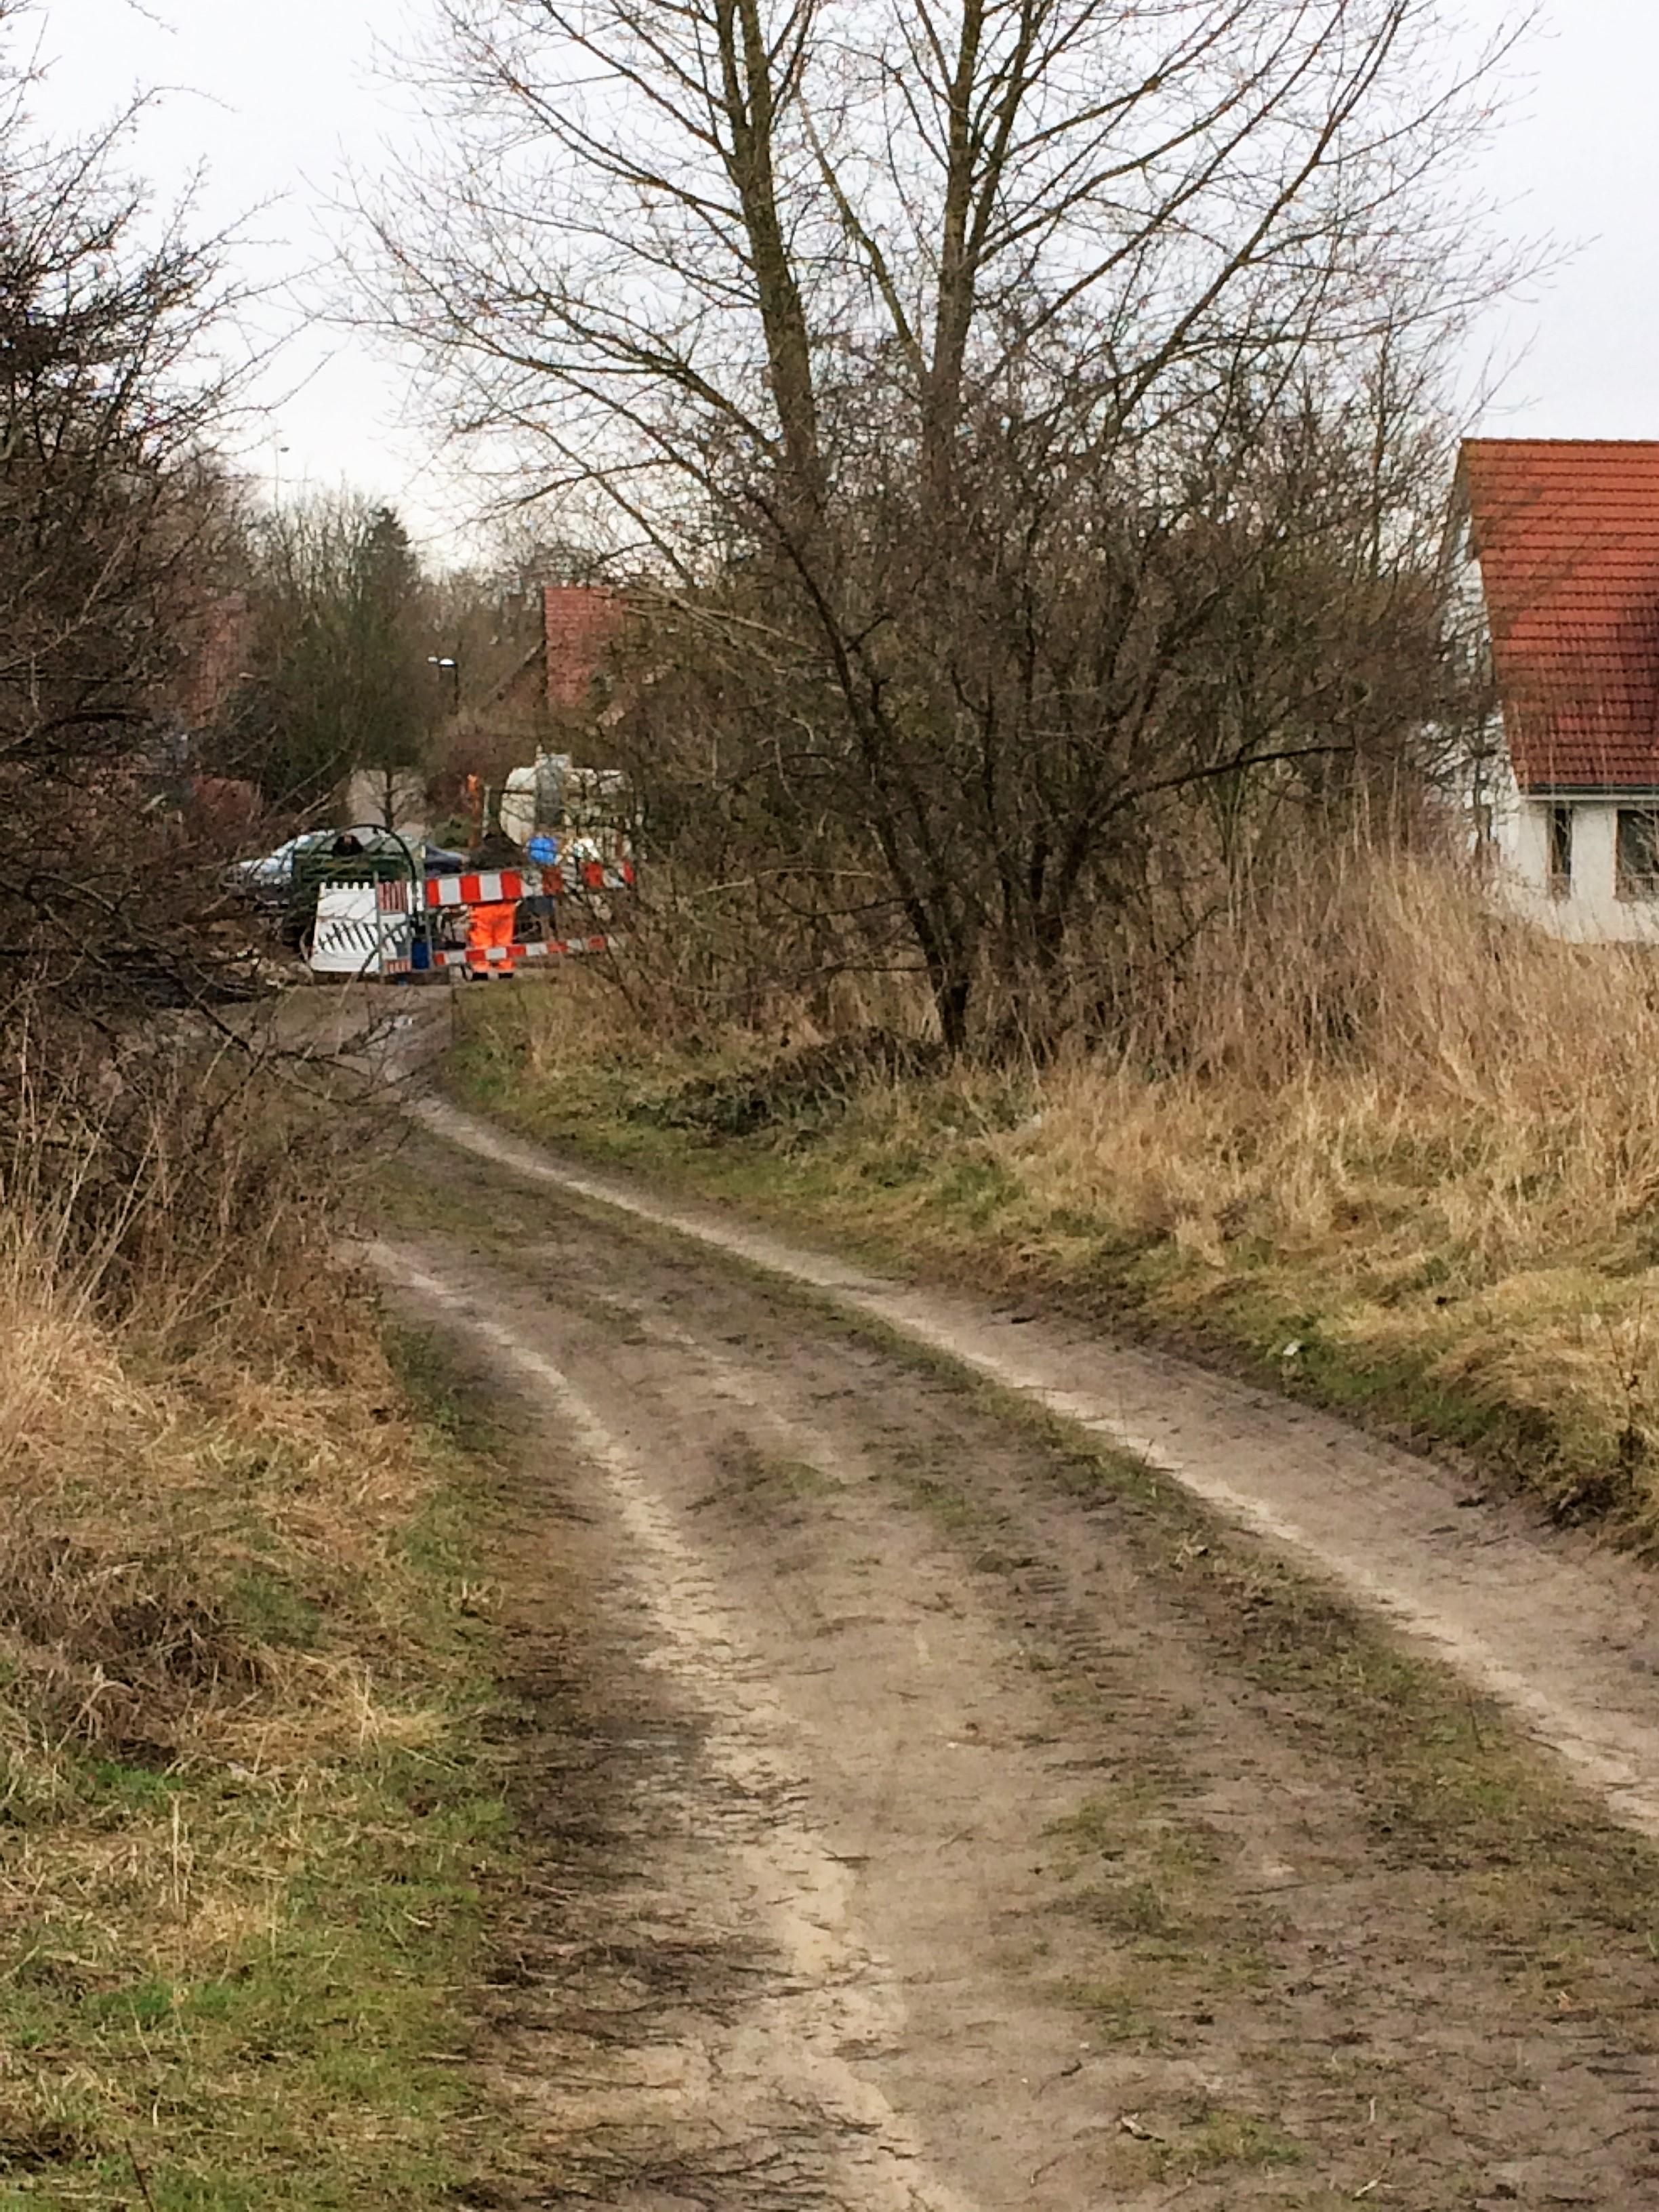 Laufen ohne Bebauungspläne 1. Erschließungsmaßnahmen für die neuen Biestower Wohngebiete?